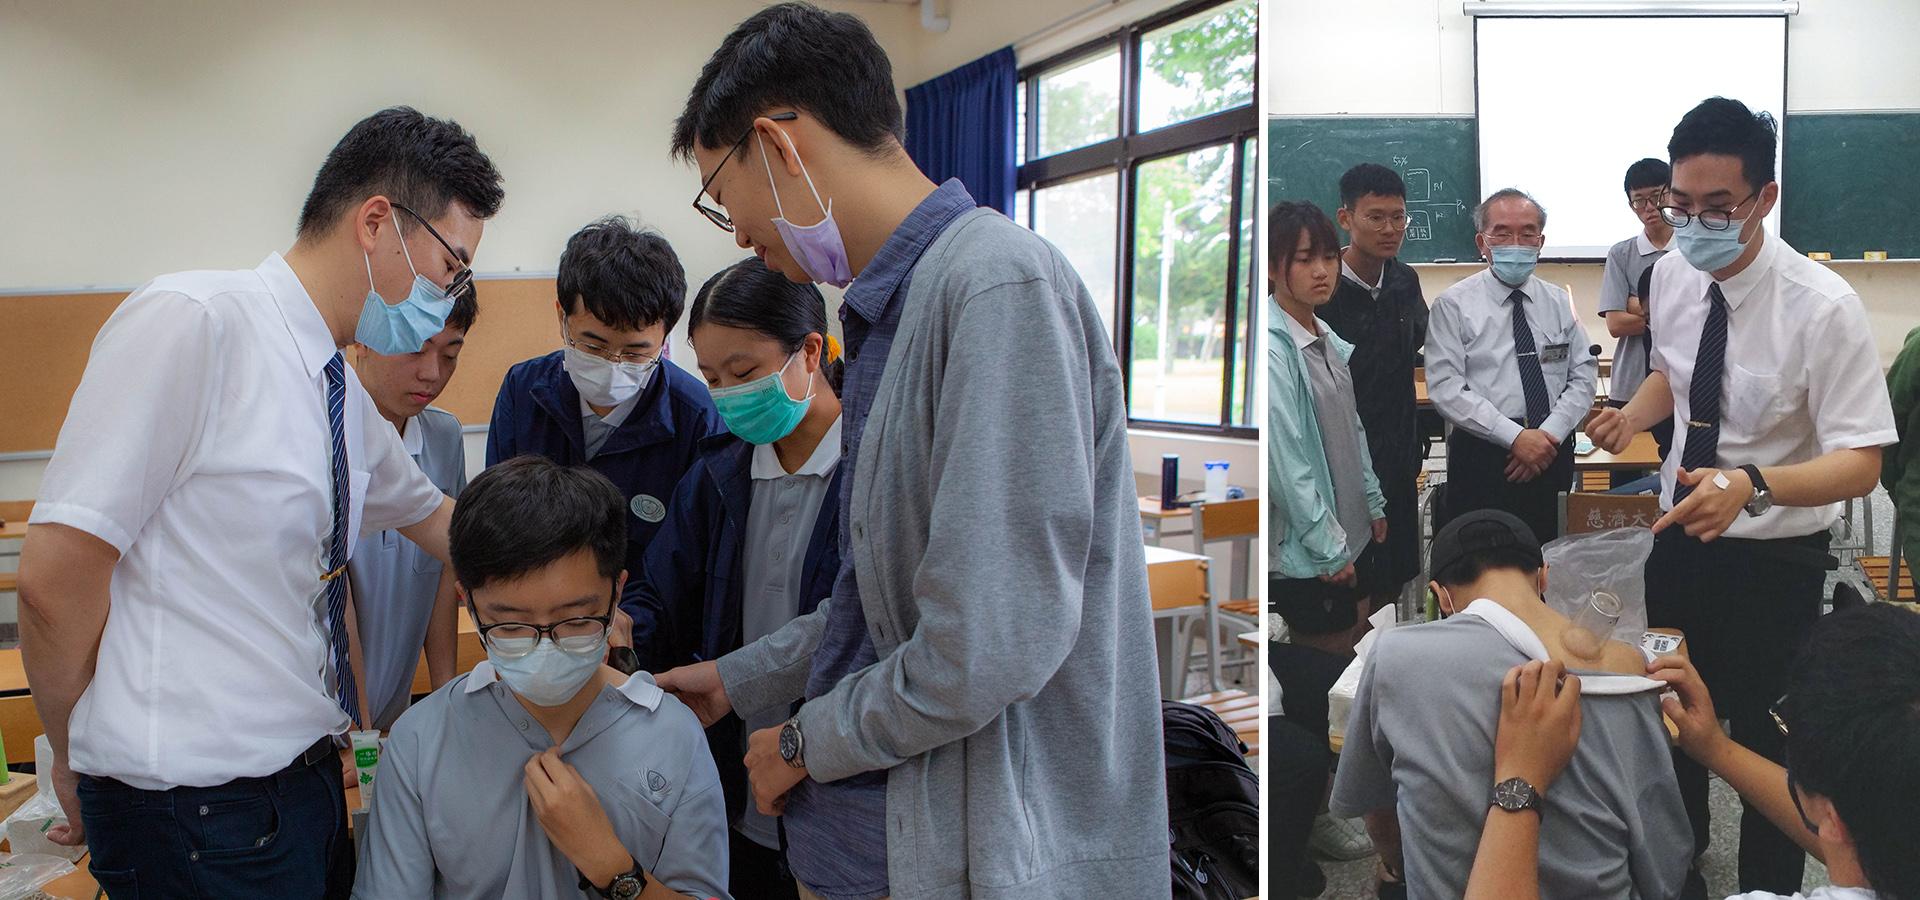 龔醫師指導學生「刮痧」操作及注意事項,並示範「拔罐」的技術。